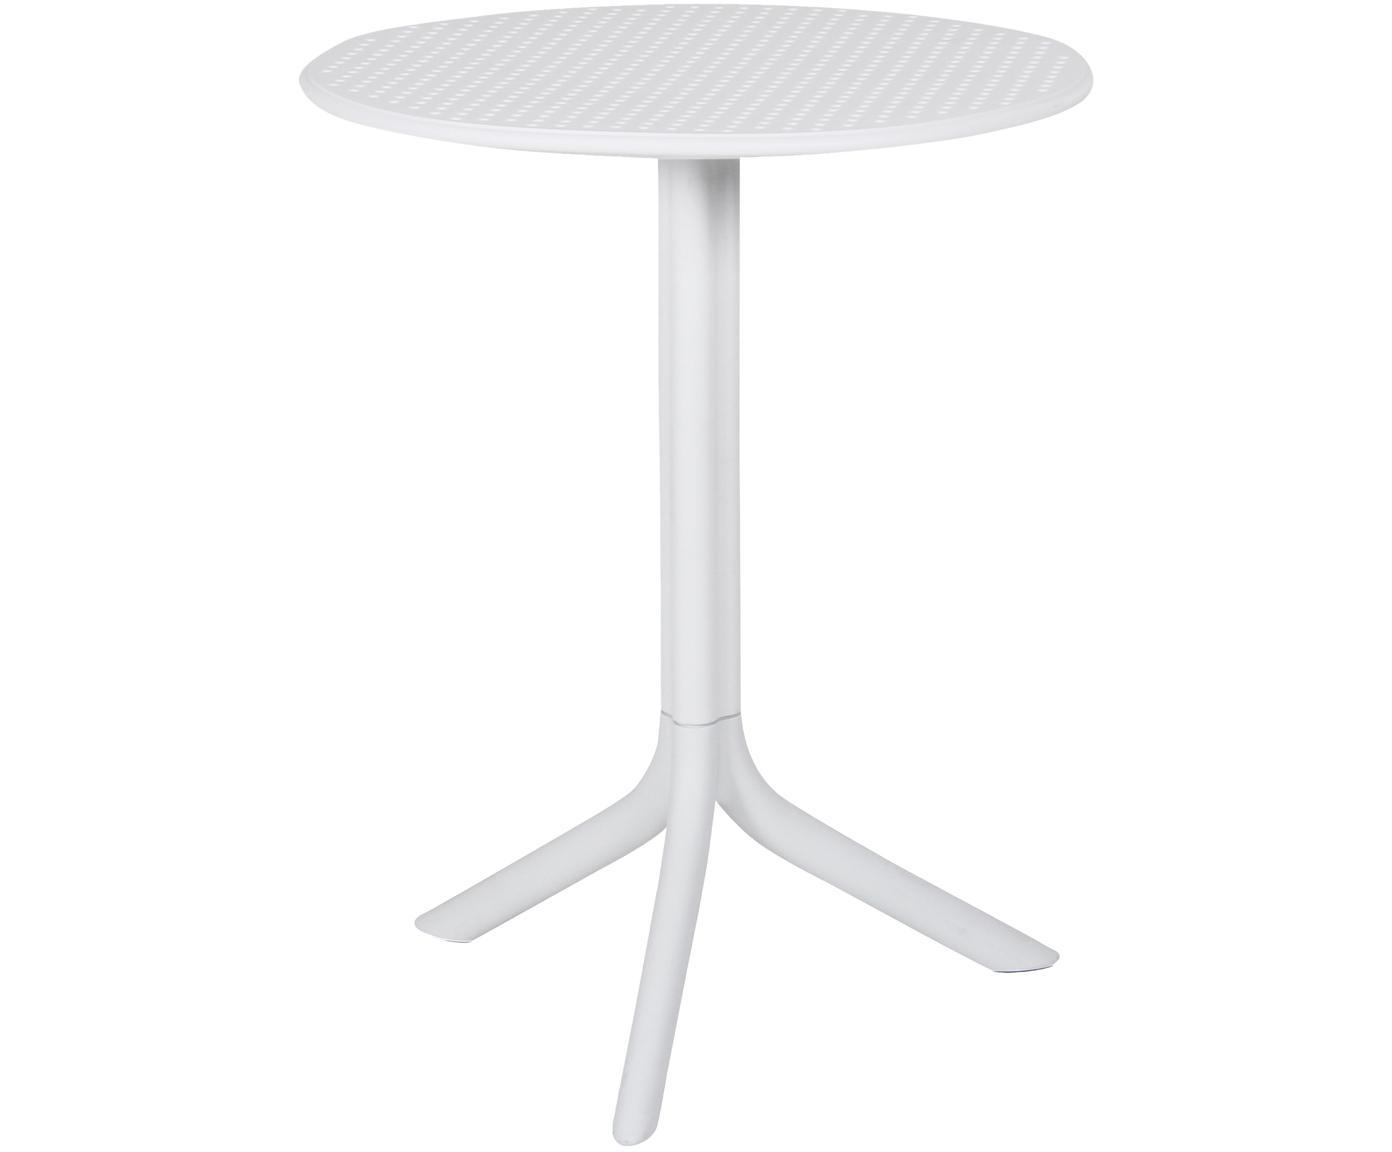 Okrągły stolik balkonowy z regulacją wysokości Step, Tworzywo sztuczne wzmocnione włóknem szklanym, Biały, matowy, Ø 60 x W 75 cm